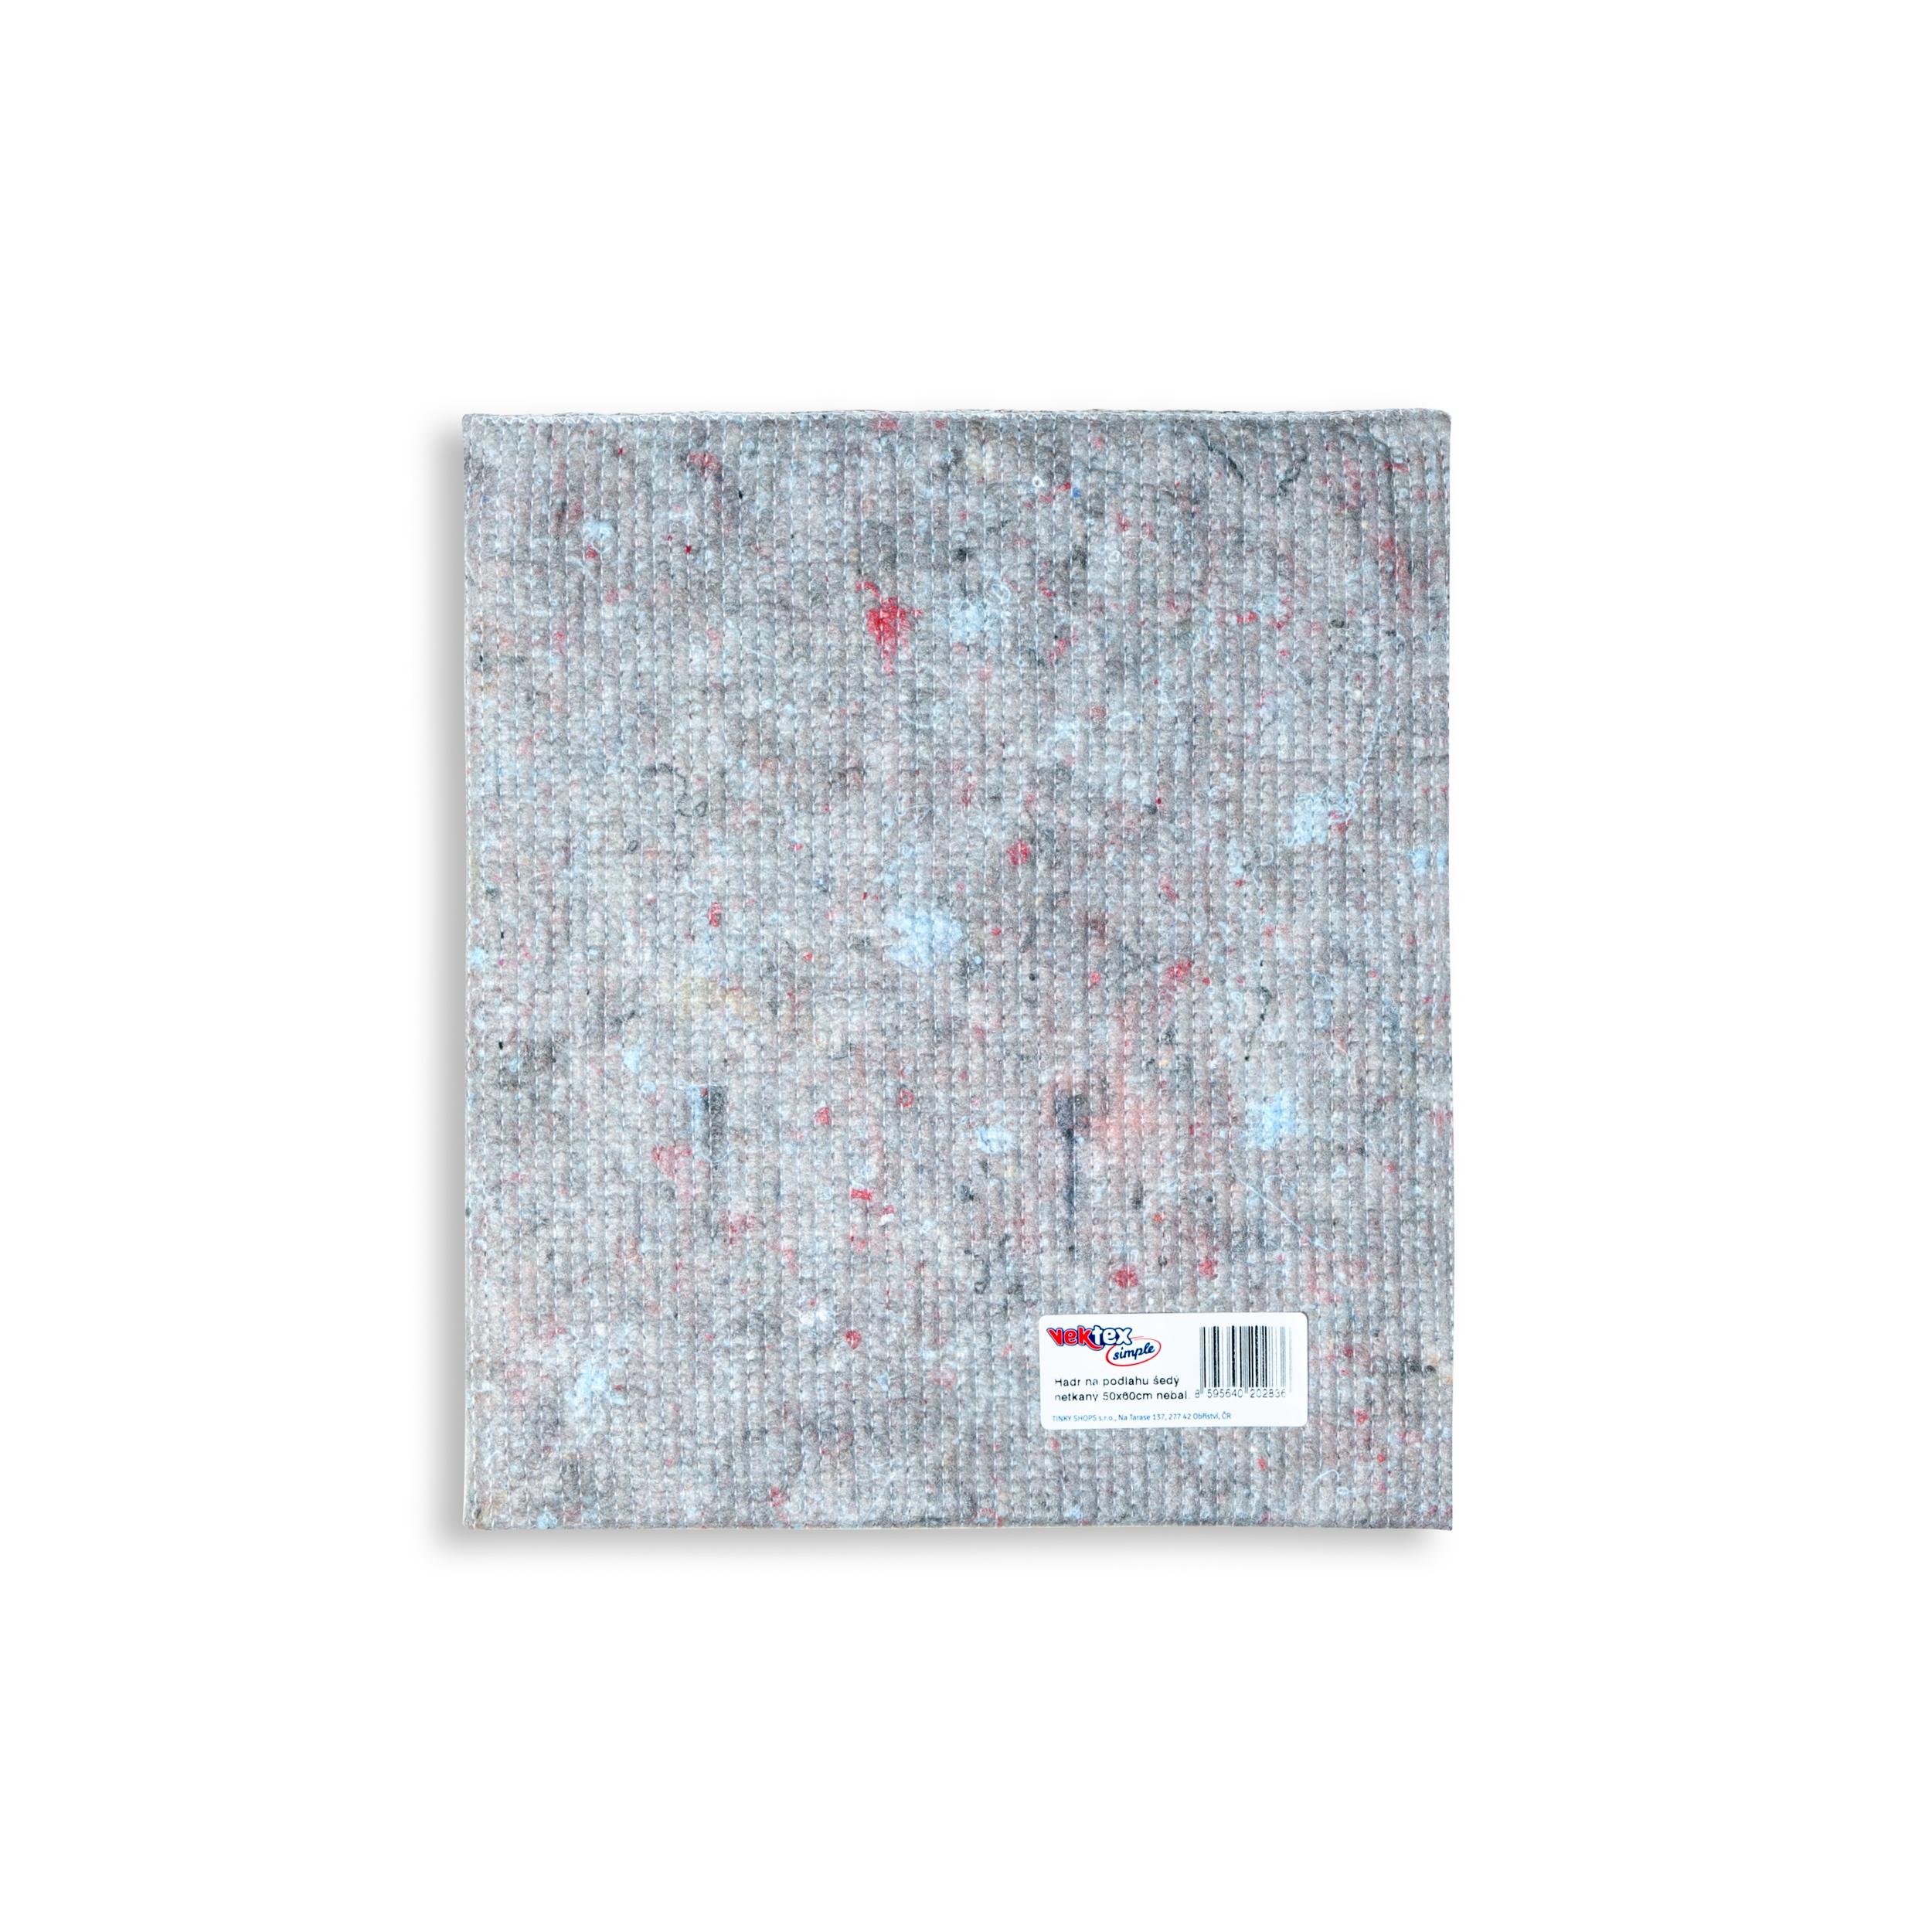 Vektex Simple hadr na podlahu netkaný 50 x 60 cm šedý nebalený